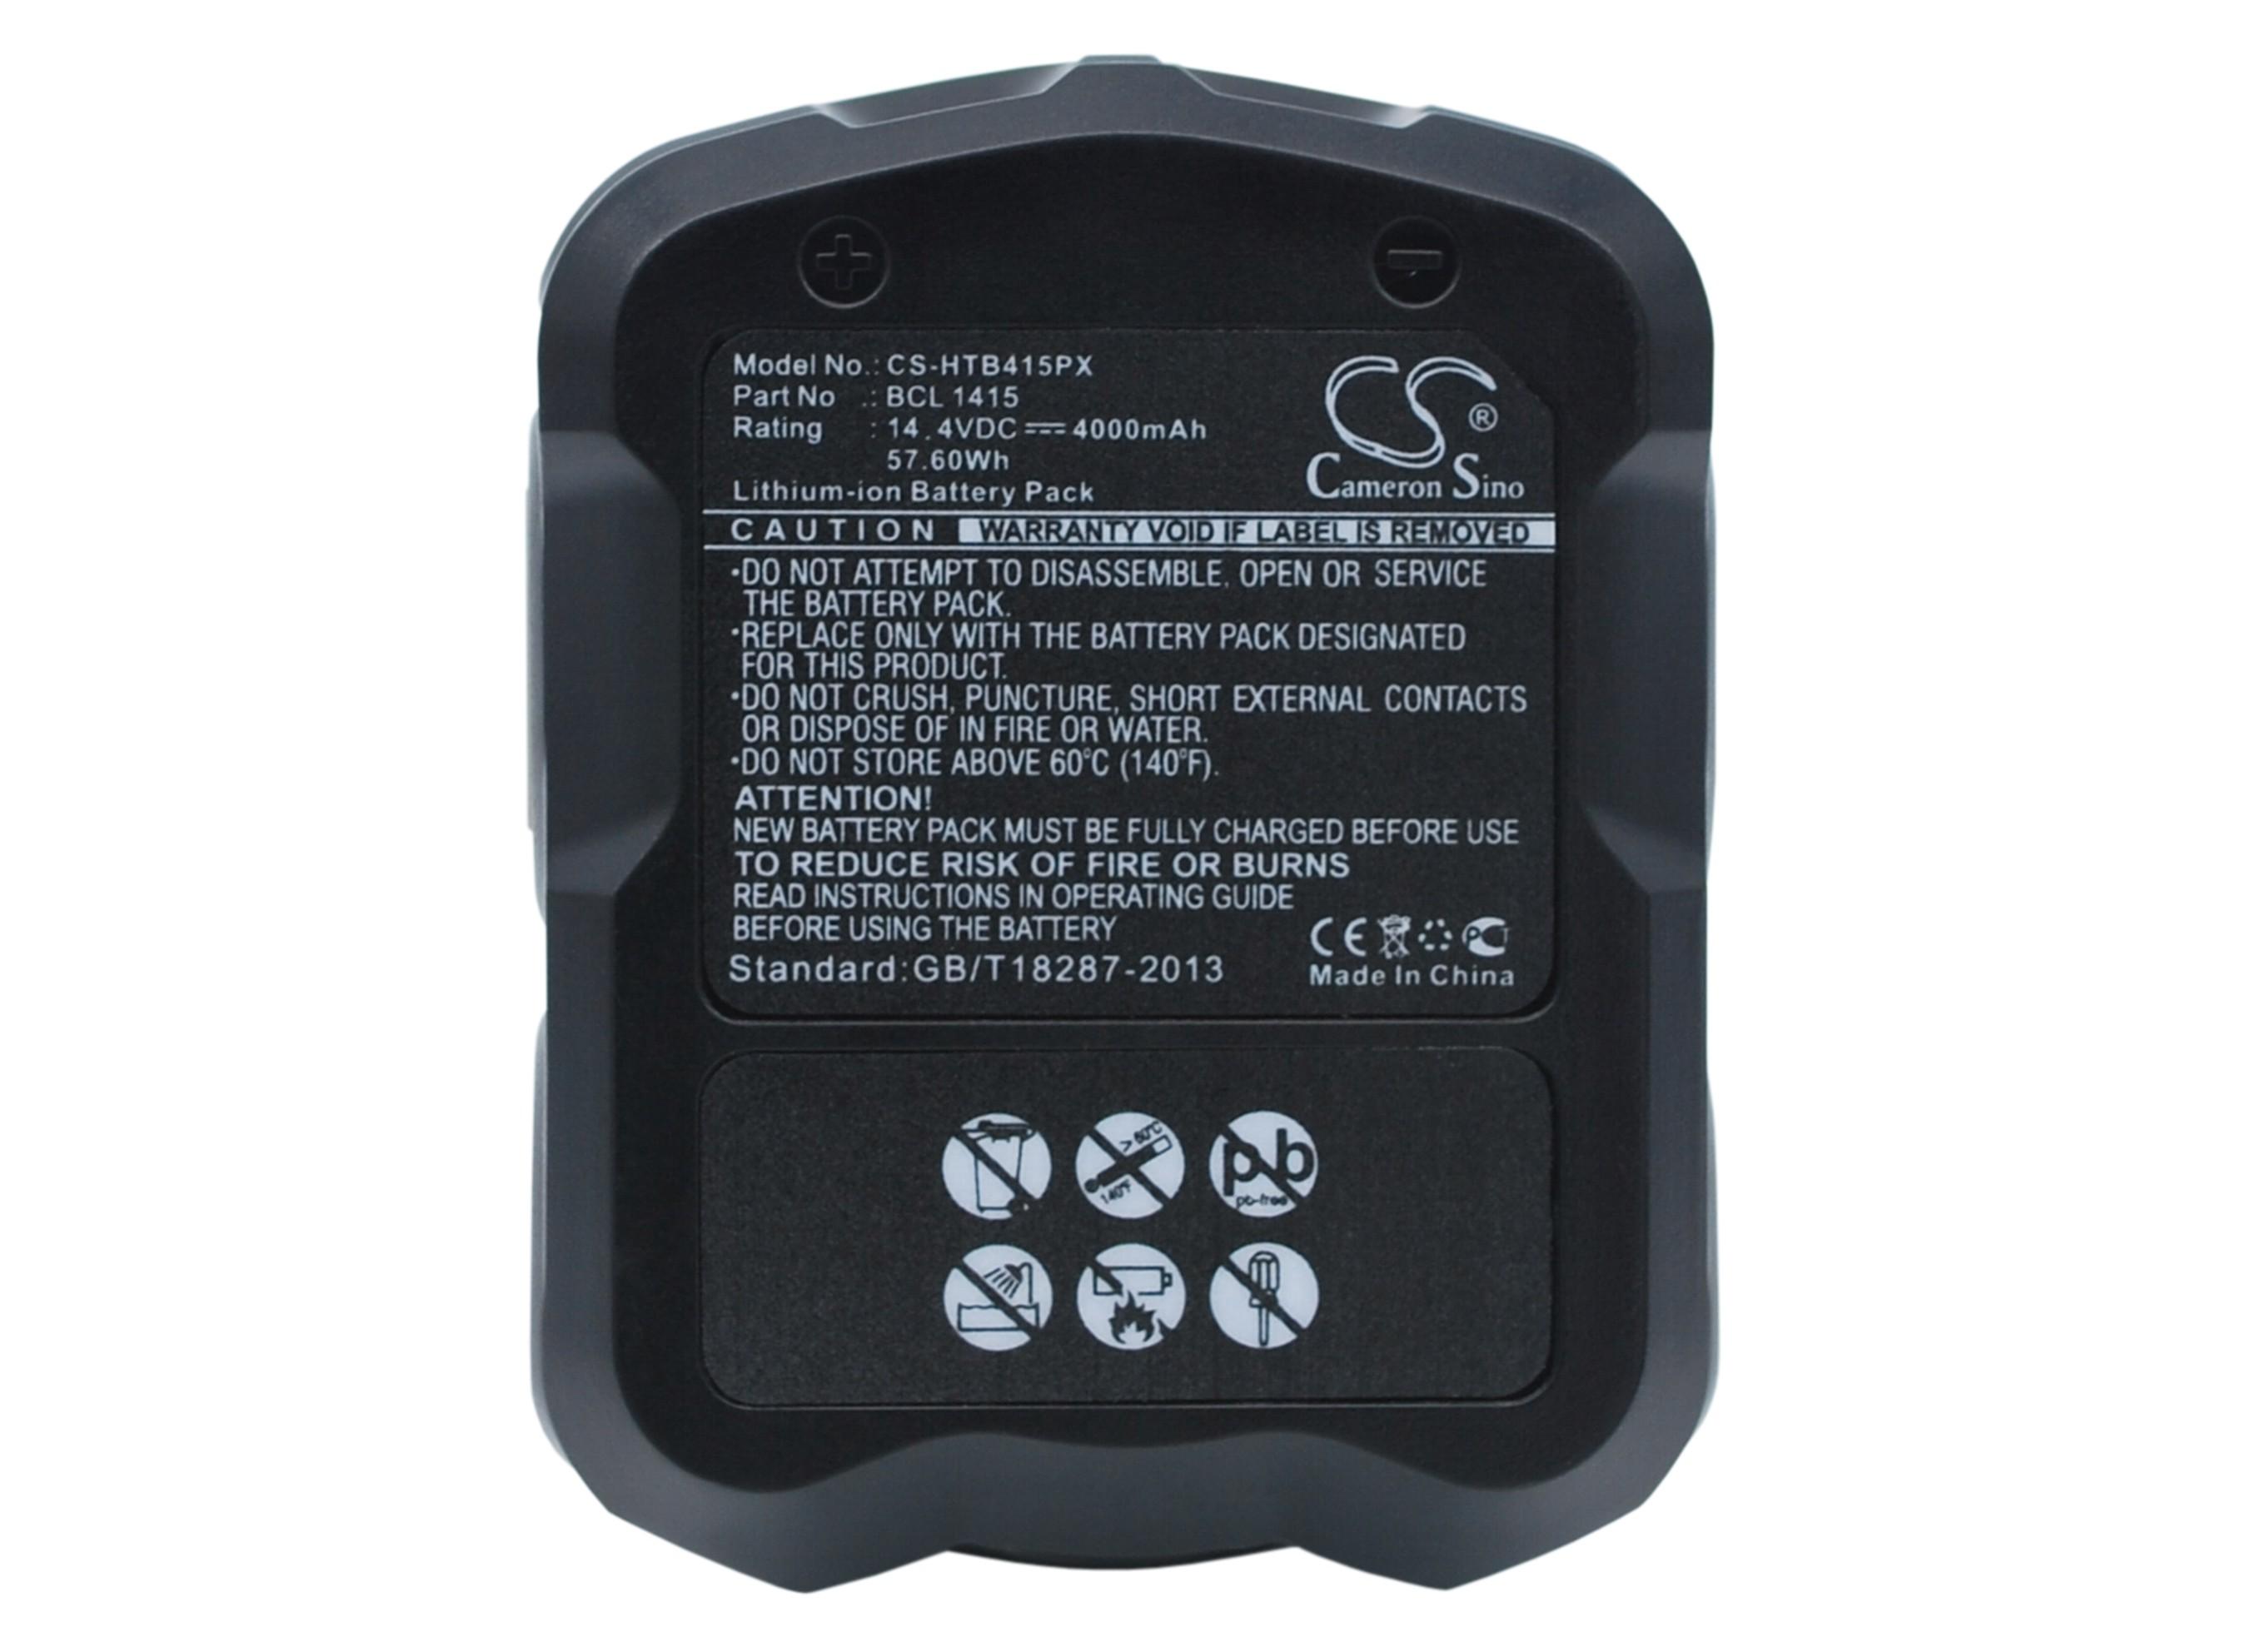 Cameron Sino baterie do nářadí pro HITACHI DV 14DL 14.4V Li-ion 4000mAh černá - neoriginální